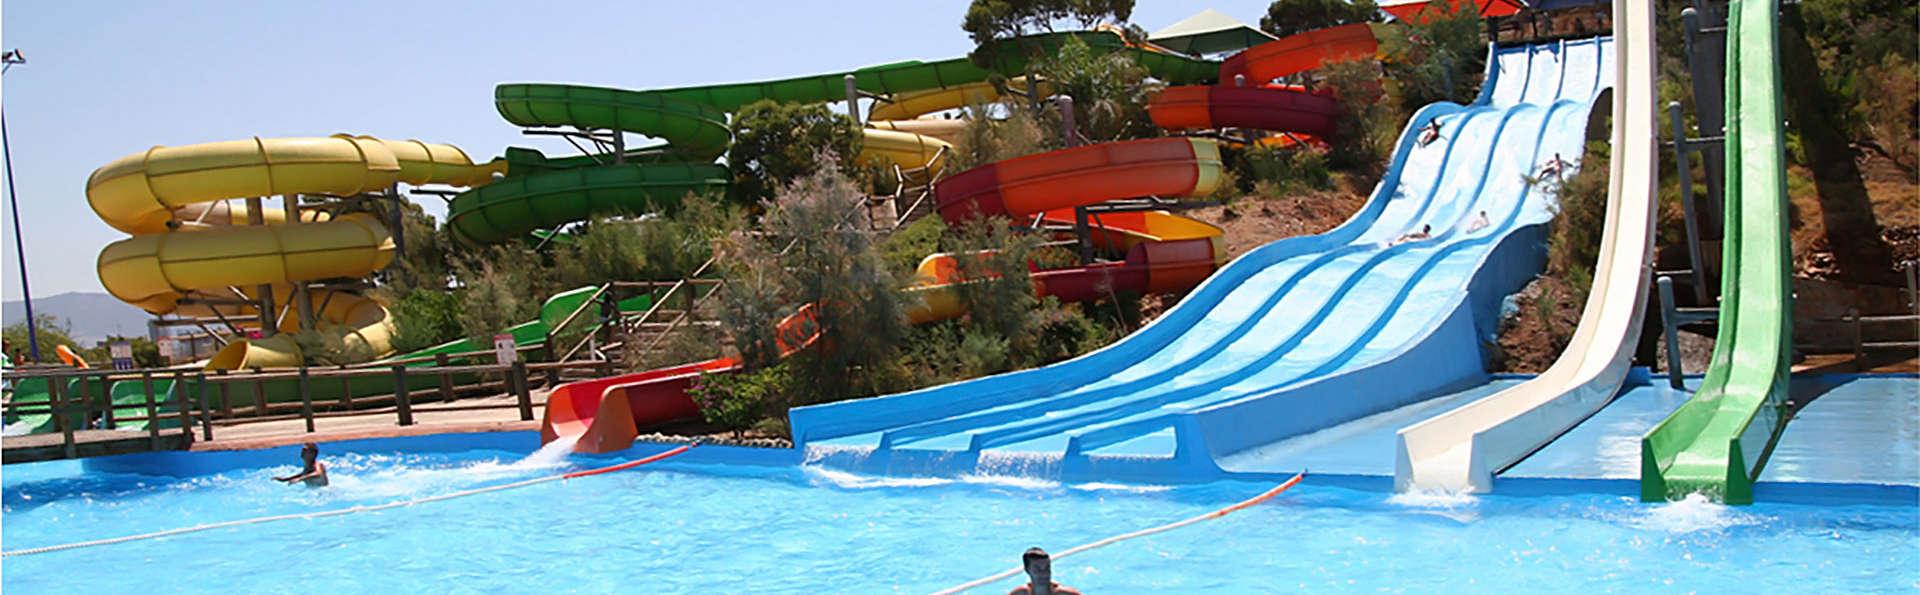 parc aquatique torrevieja